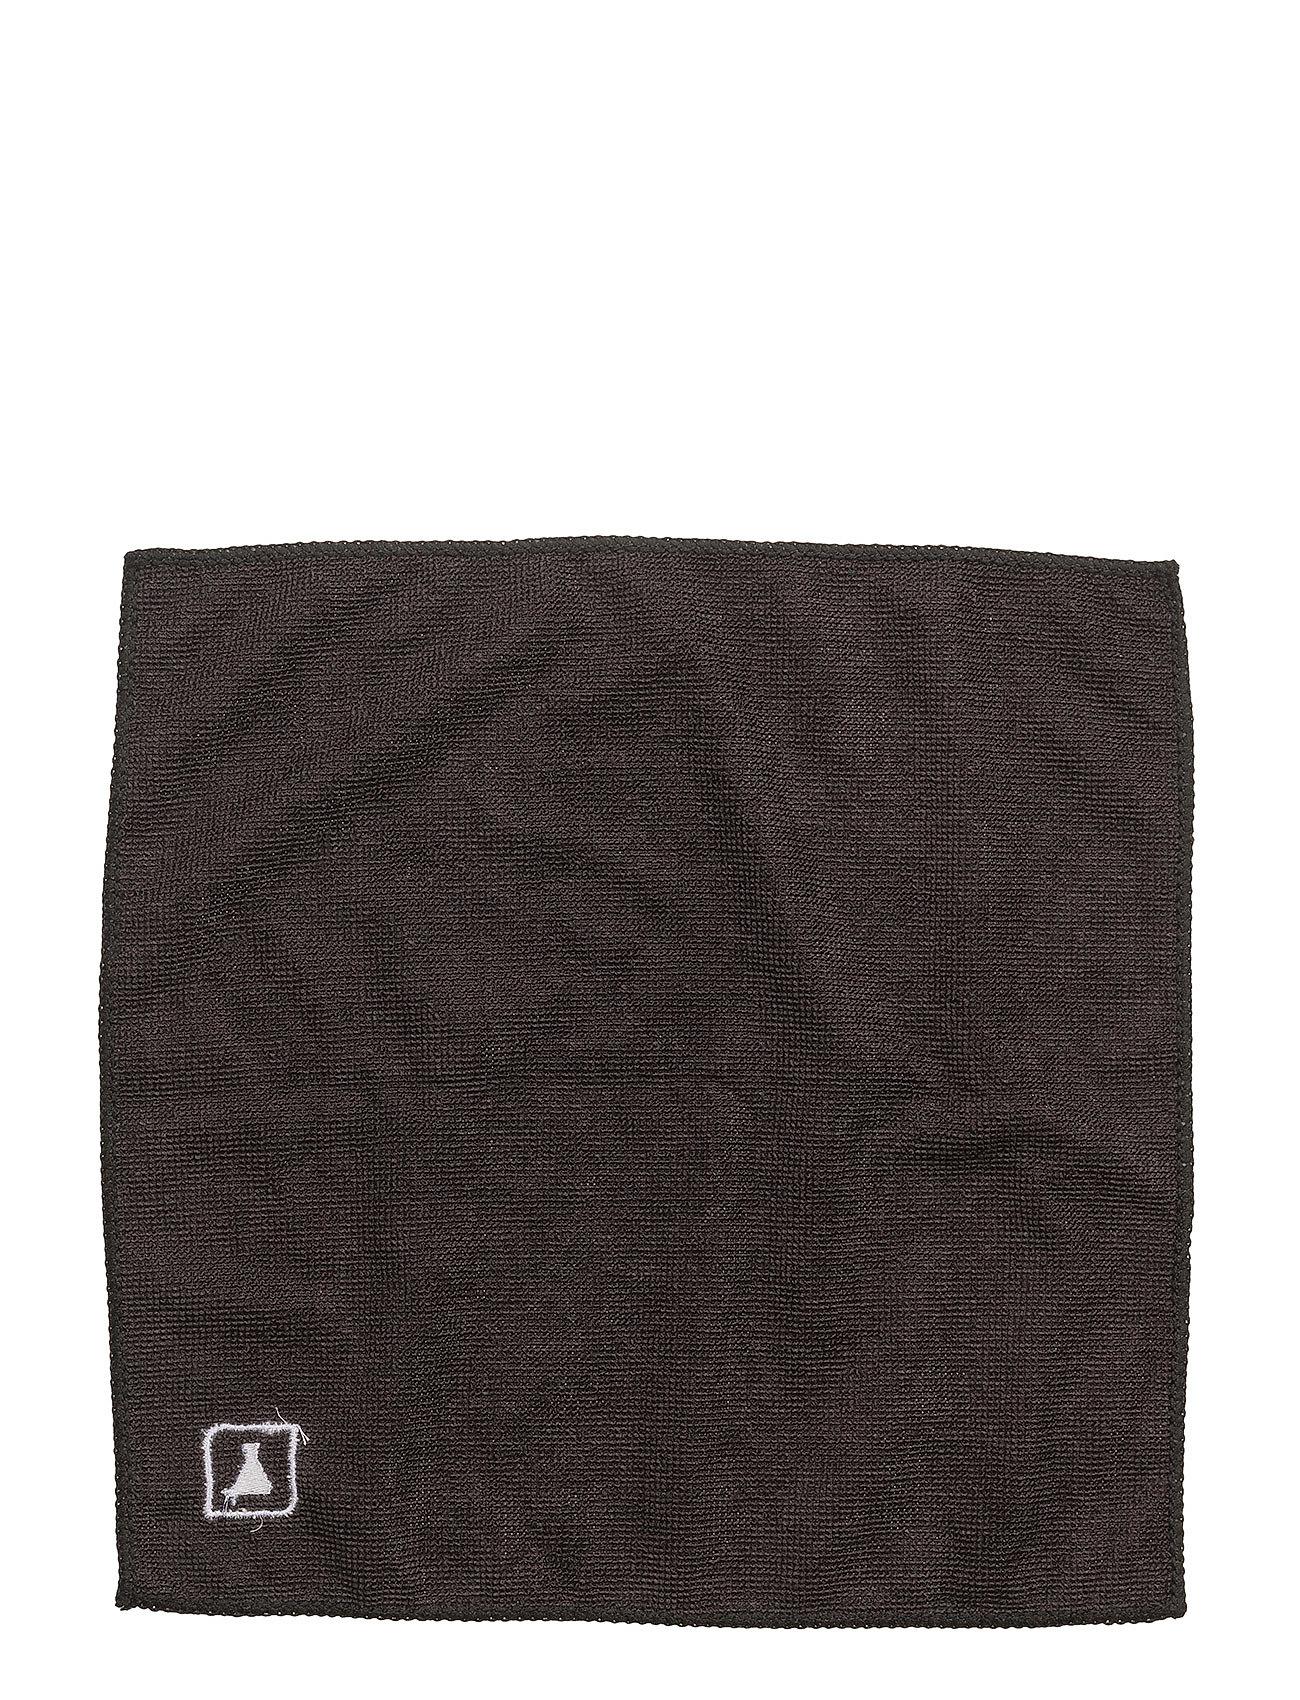 Sneaker Lab Microfibre Towel Skopleje Sort Sneaker Lab